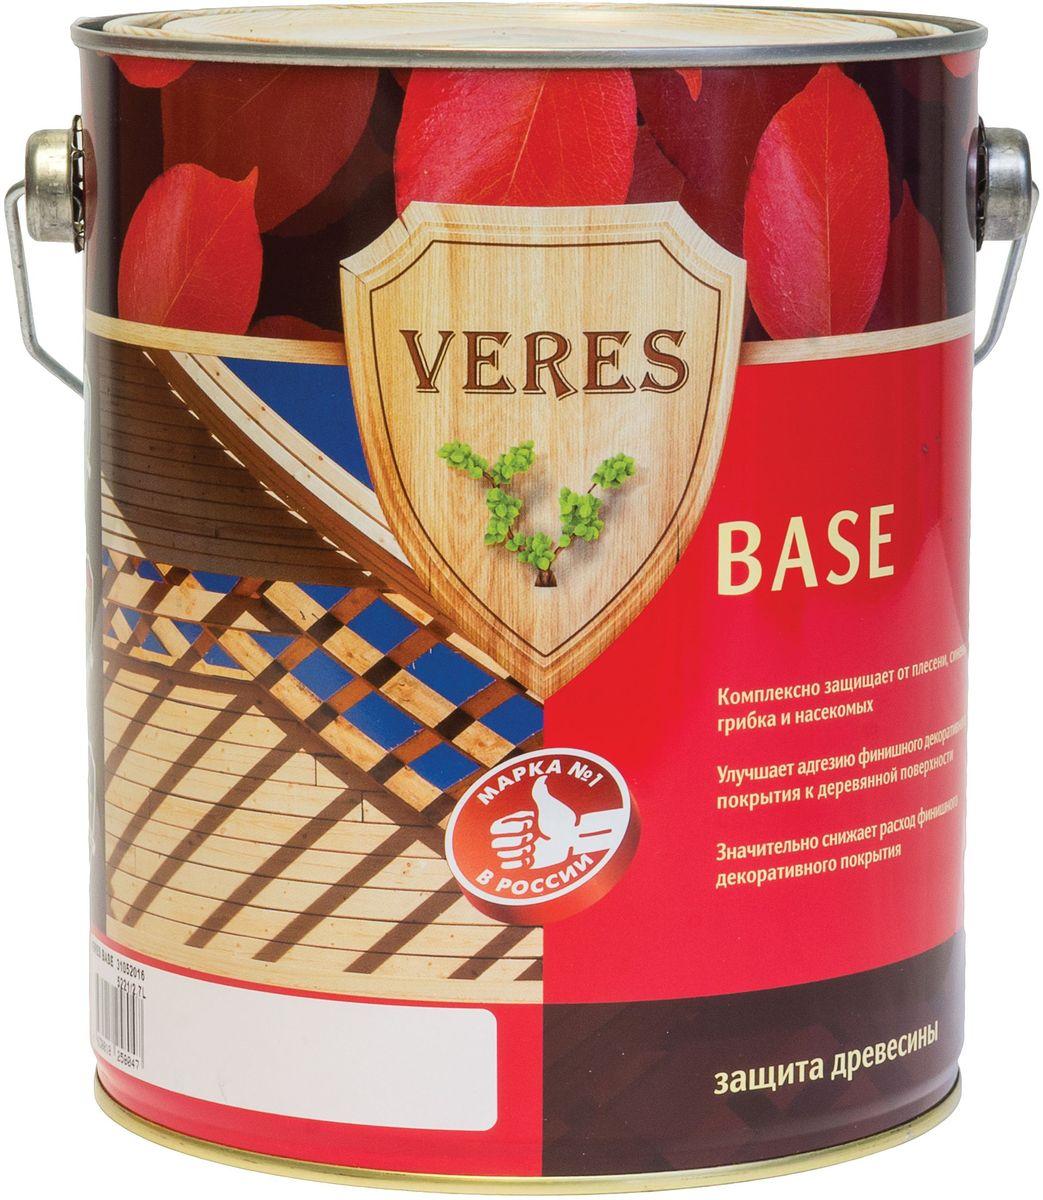 """Пропитка для дерева Veres """"База"""", 2,7 л 8606006545235"""